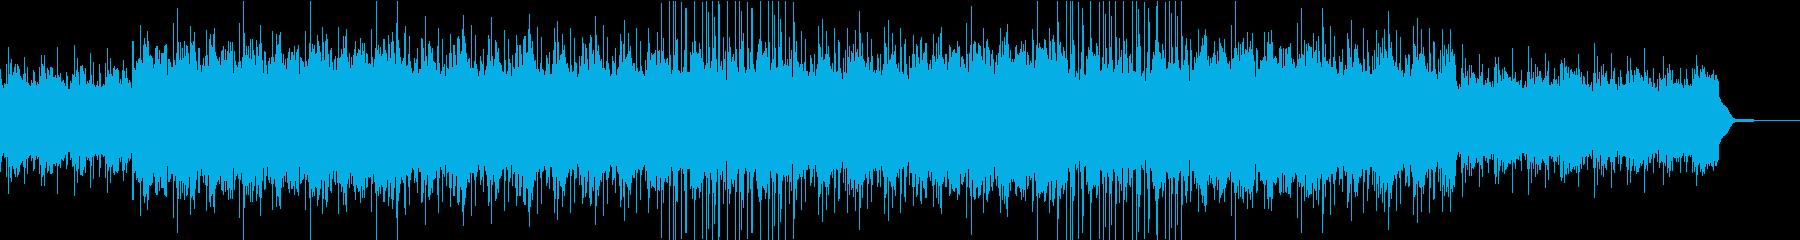 エモいビート風な曲の再生済みの波形